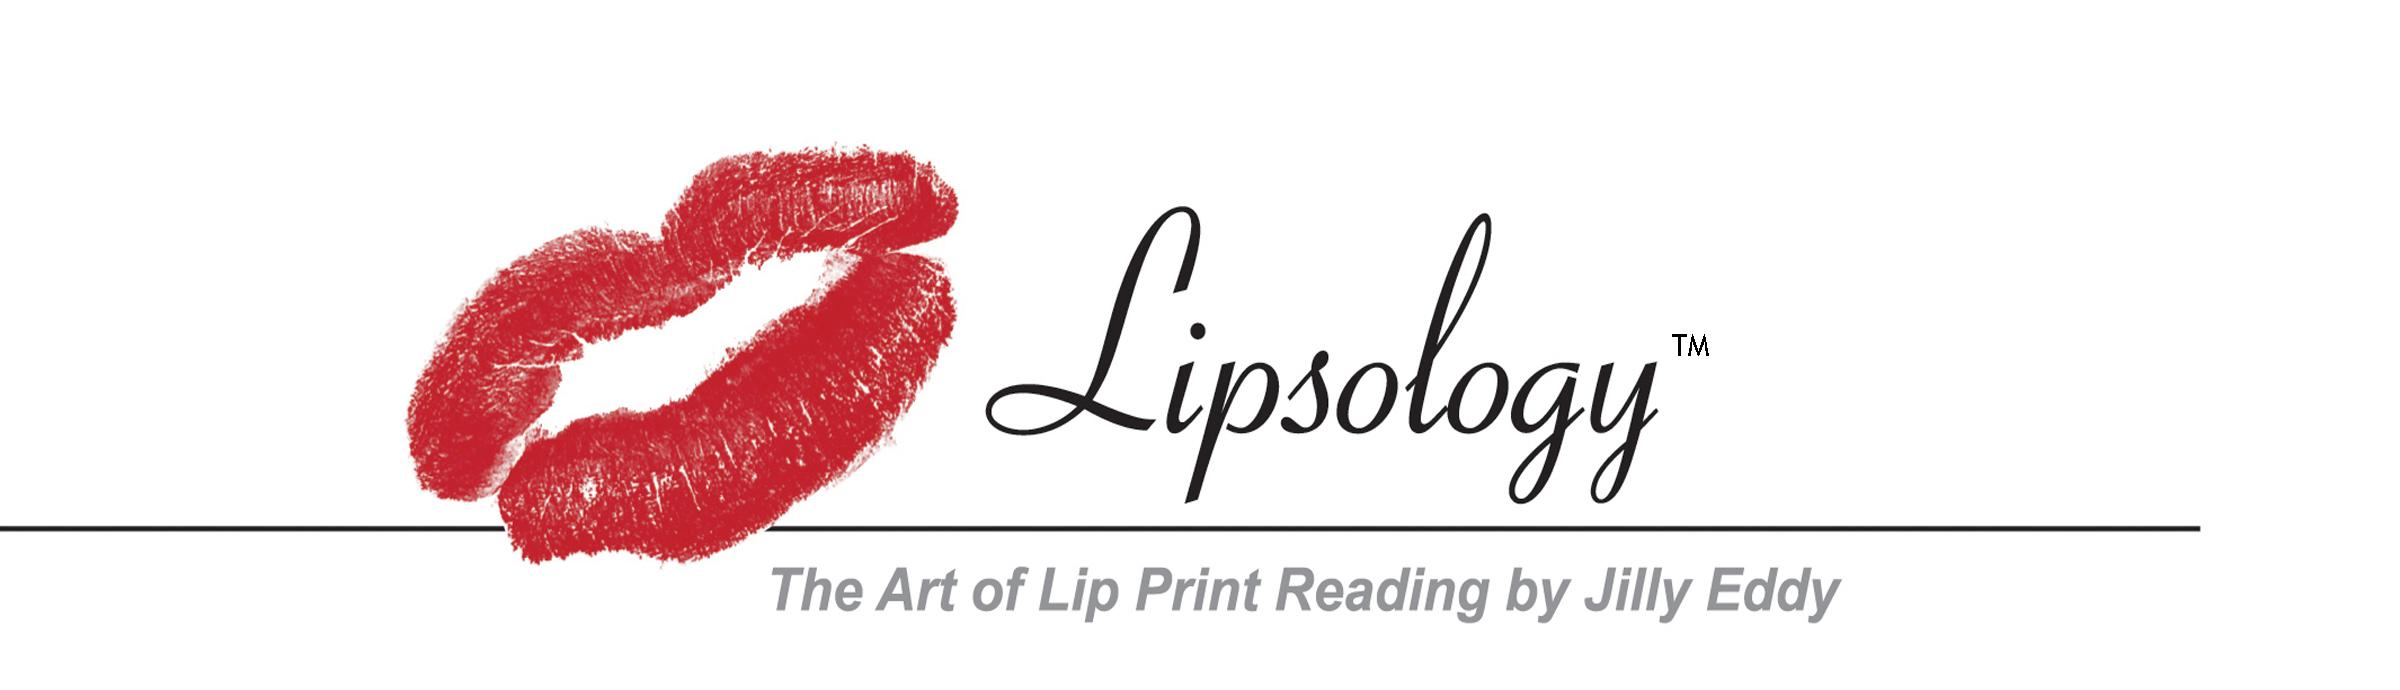 Lipsology